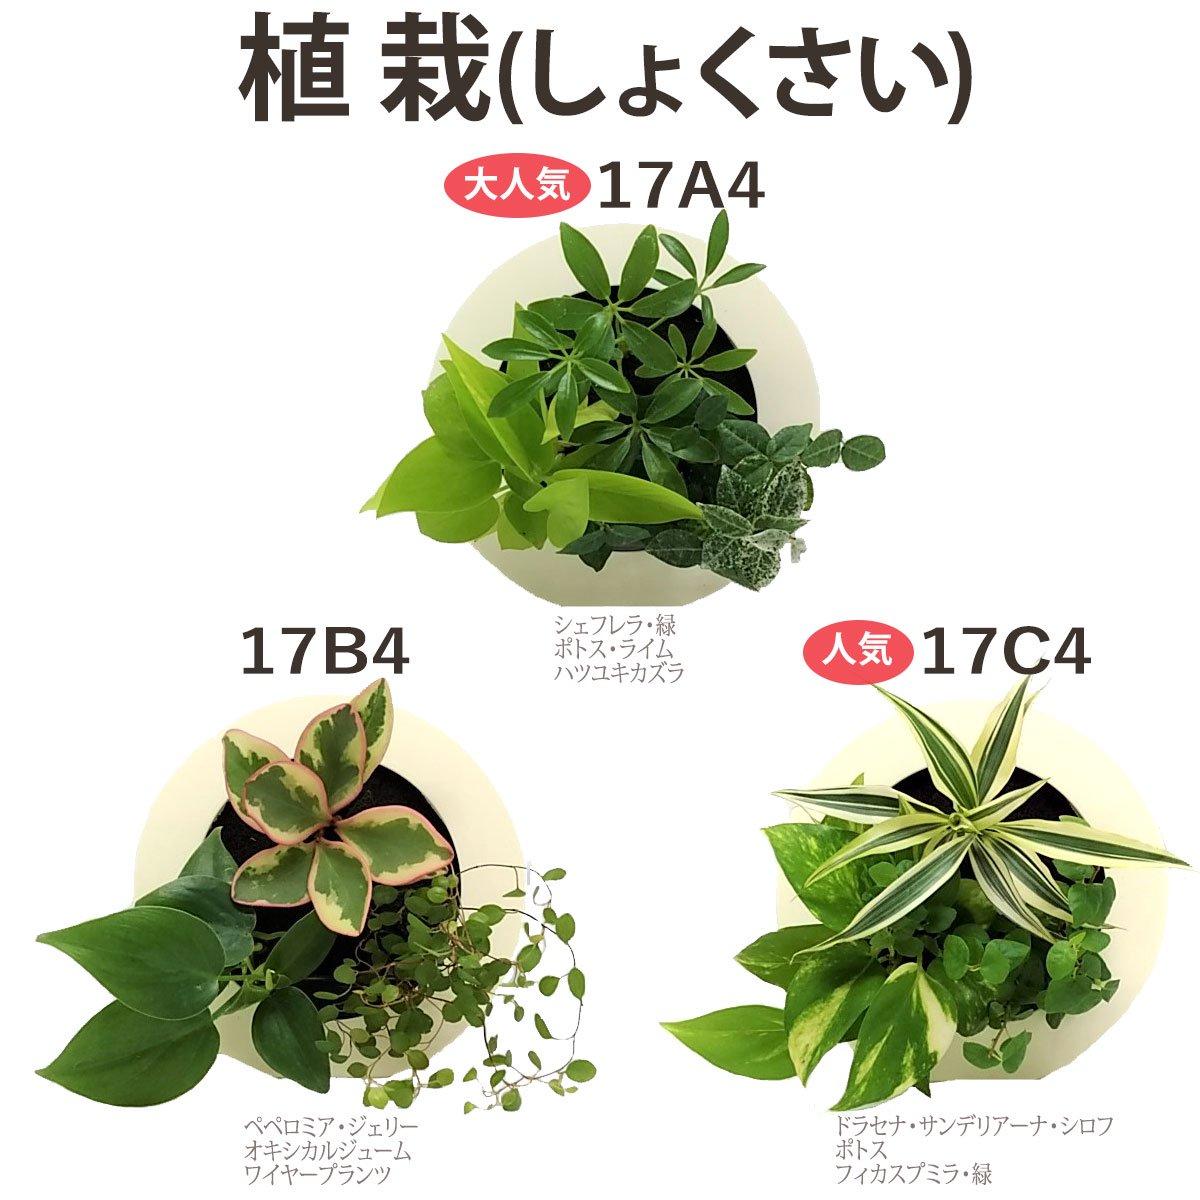 壁掛け観葉植物「ミドリエ」(壁面緑化)ラウンド型木目調グリーンフレーム 〜サントリー・トヨタの新提案〜 絵を飾るようにみどりを飾る